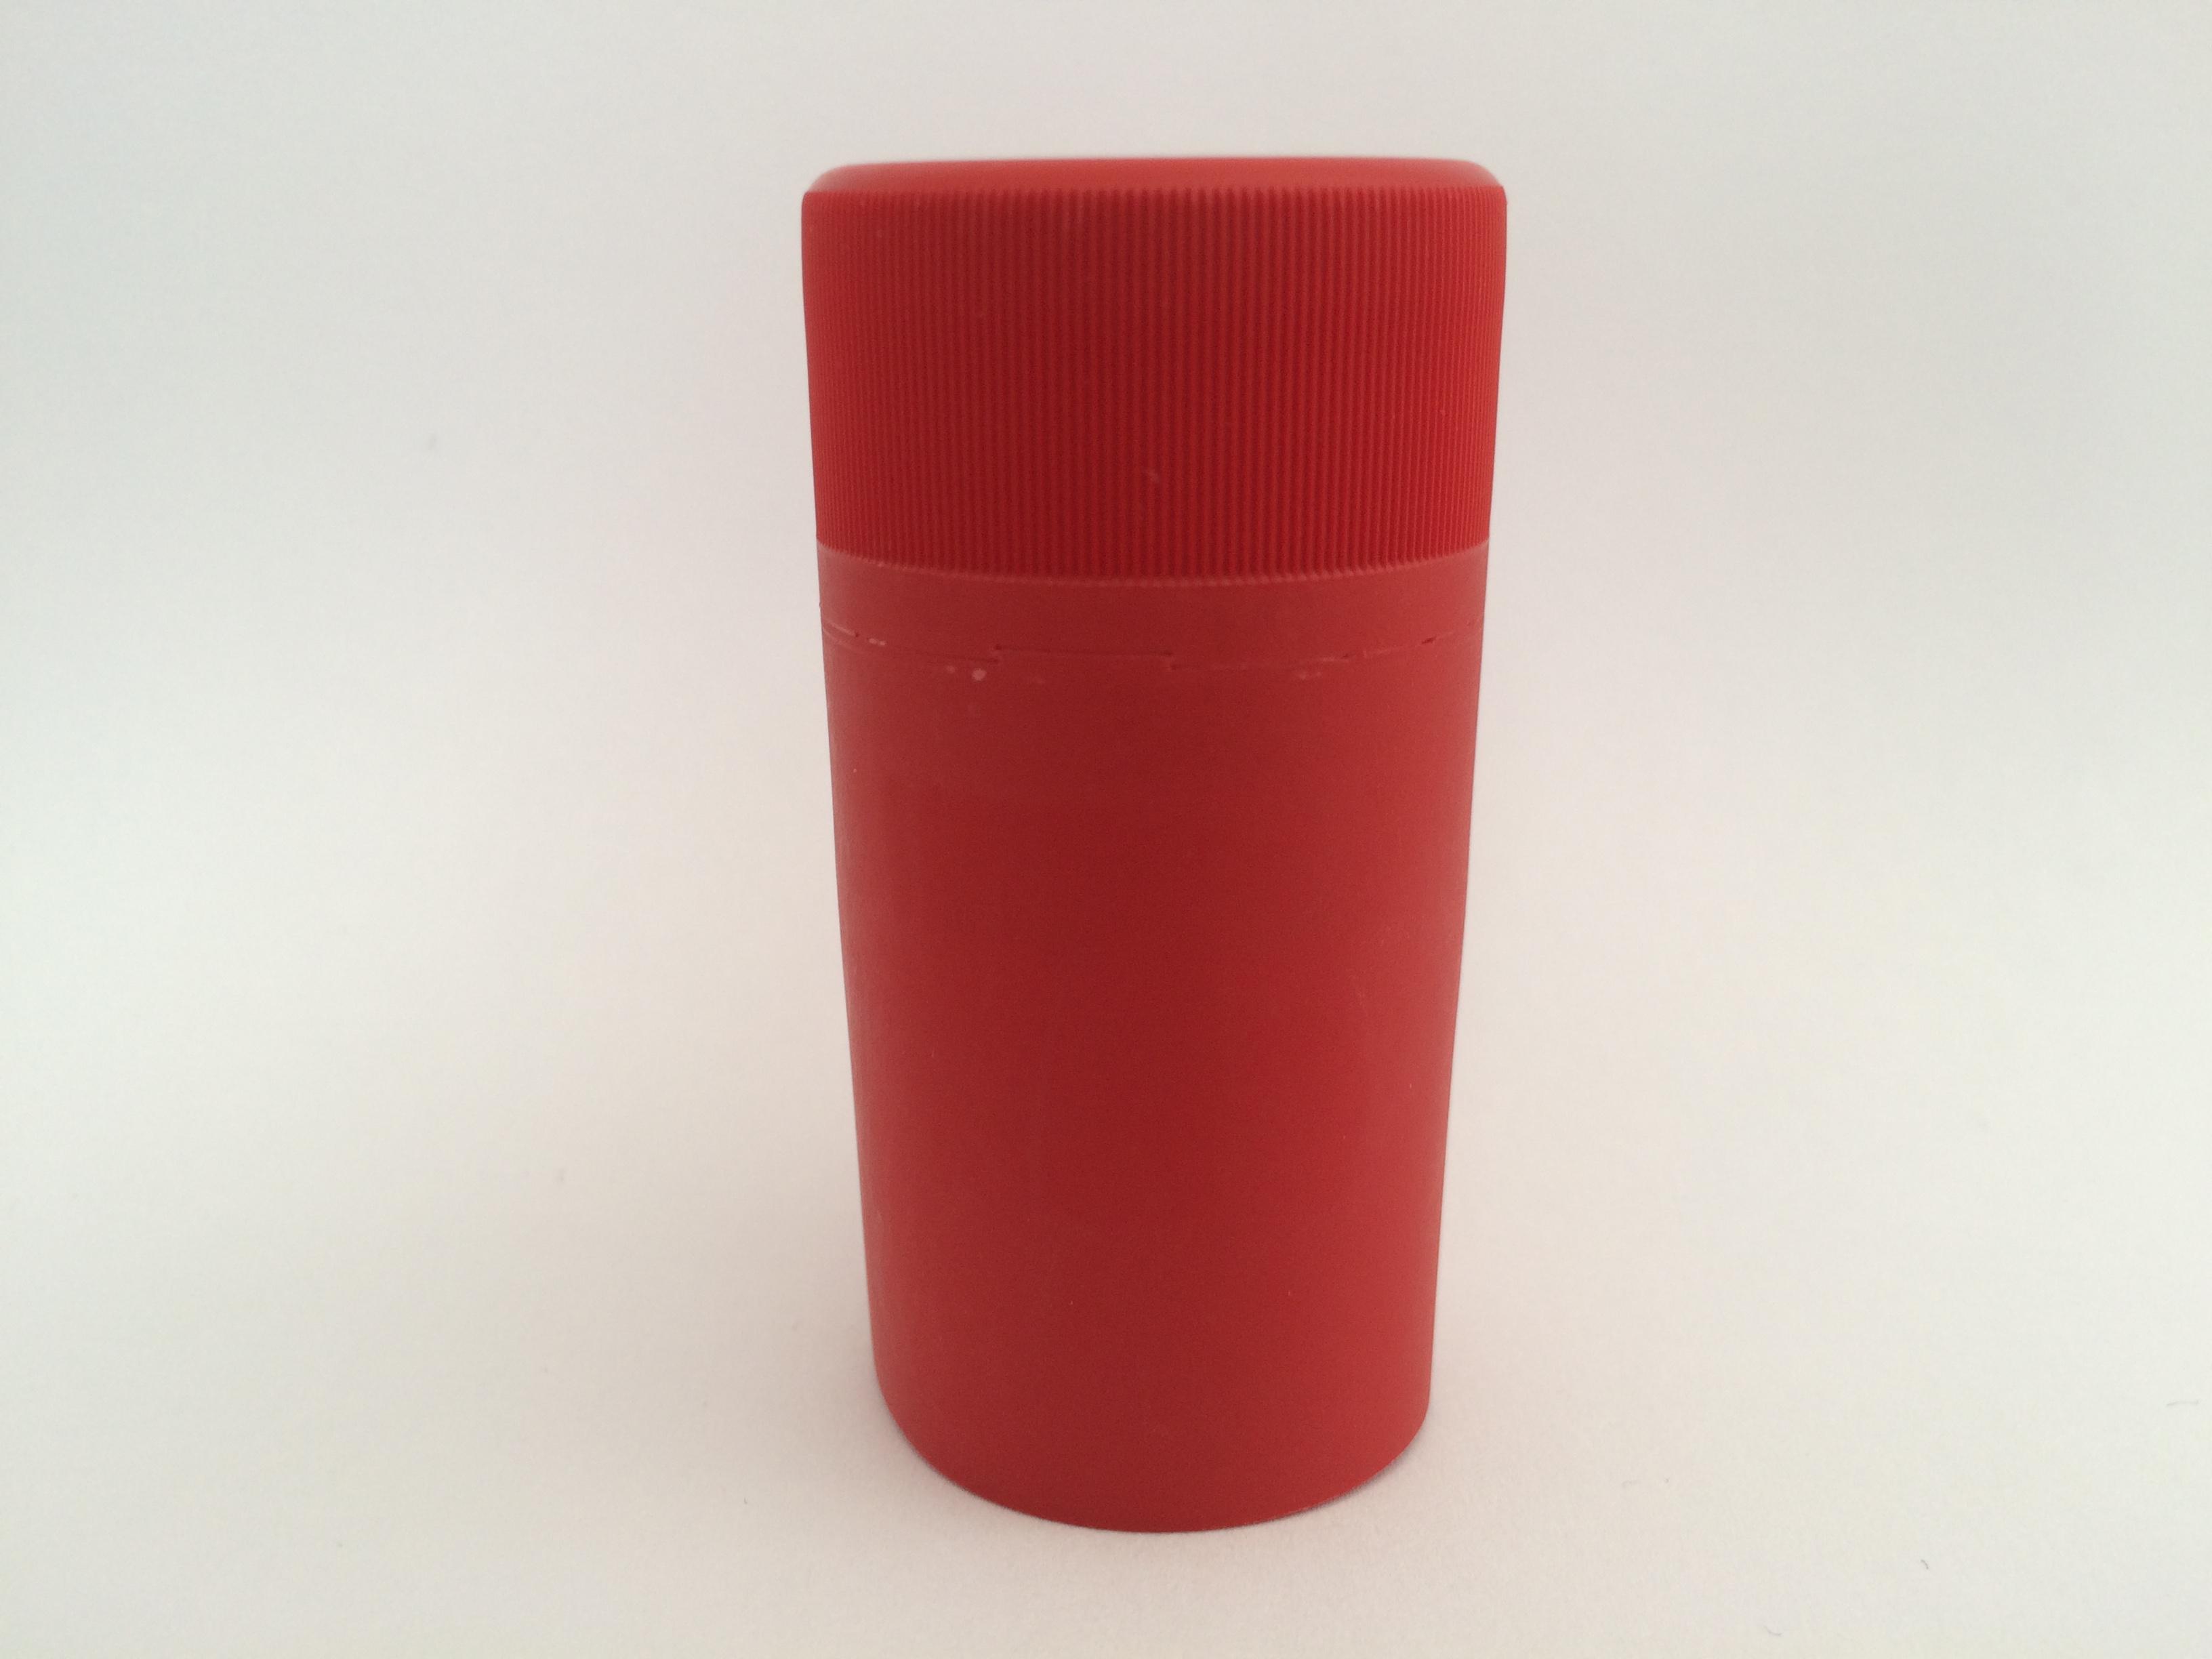 Matt piros műanyag csavarzár